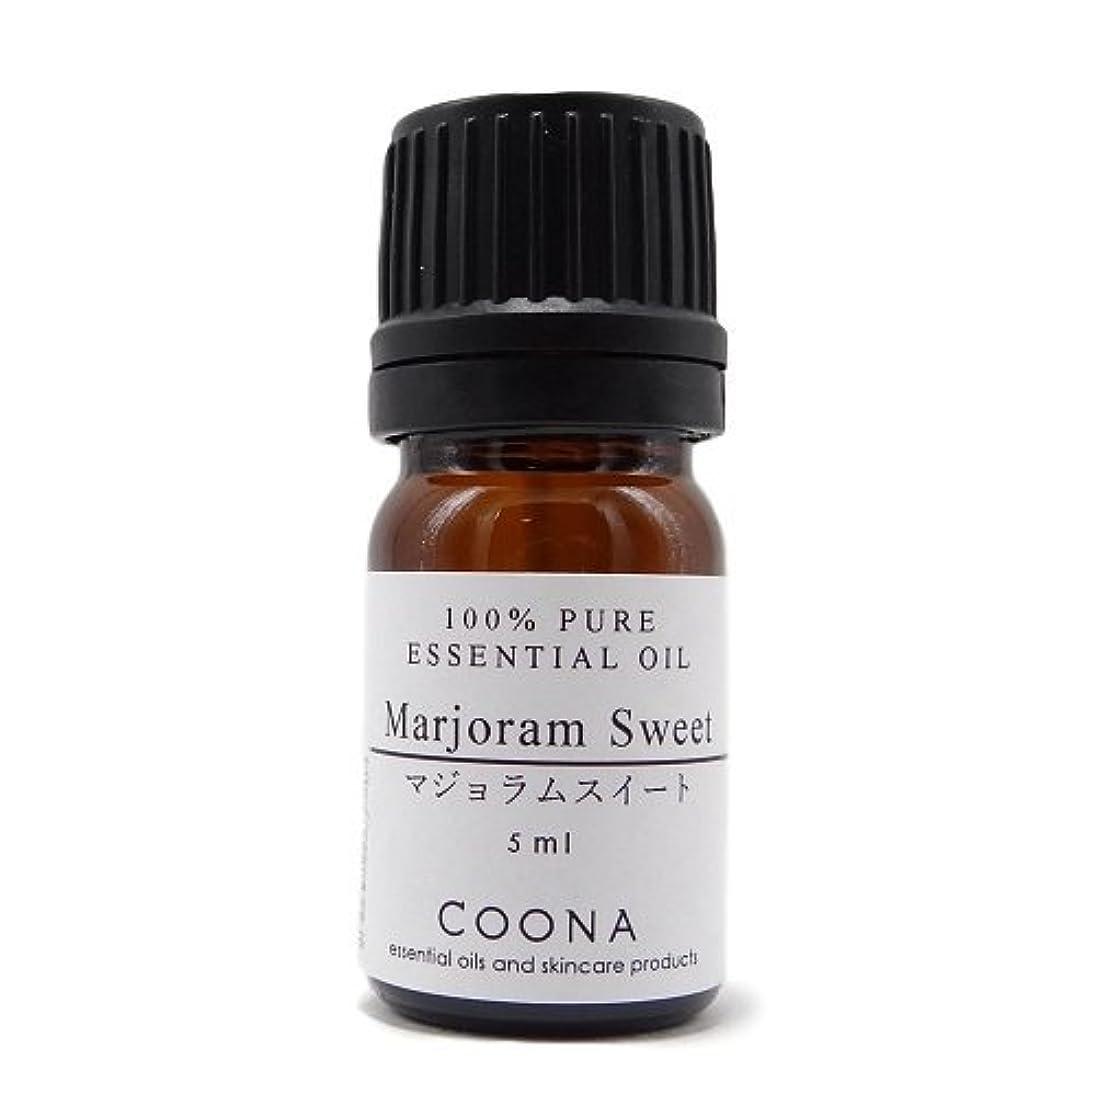 父方のファイアル深さマジョラム スイート 5 ml (COONA エッセンシャルオイル アロマオイル 100%天然植物精油)